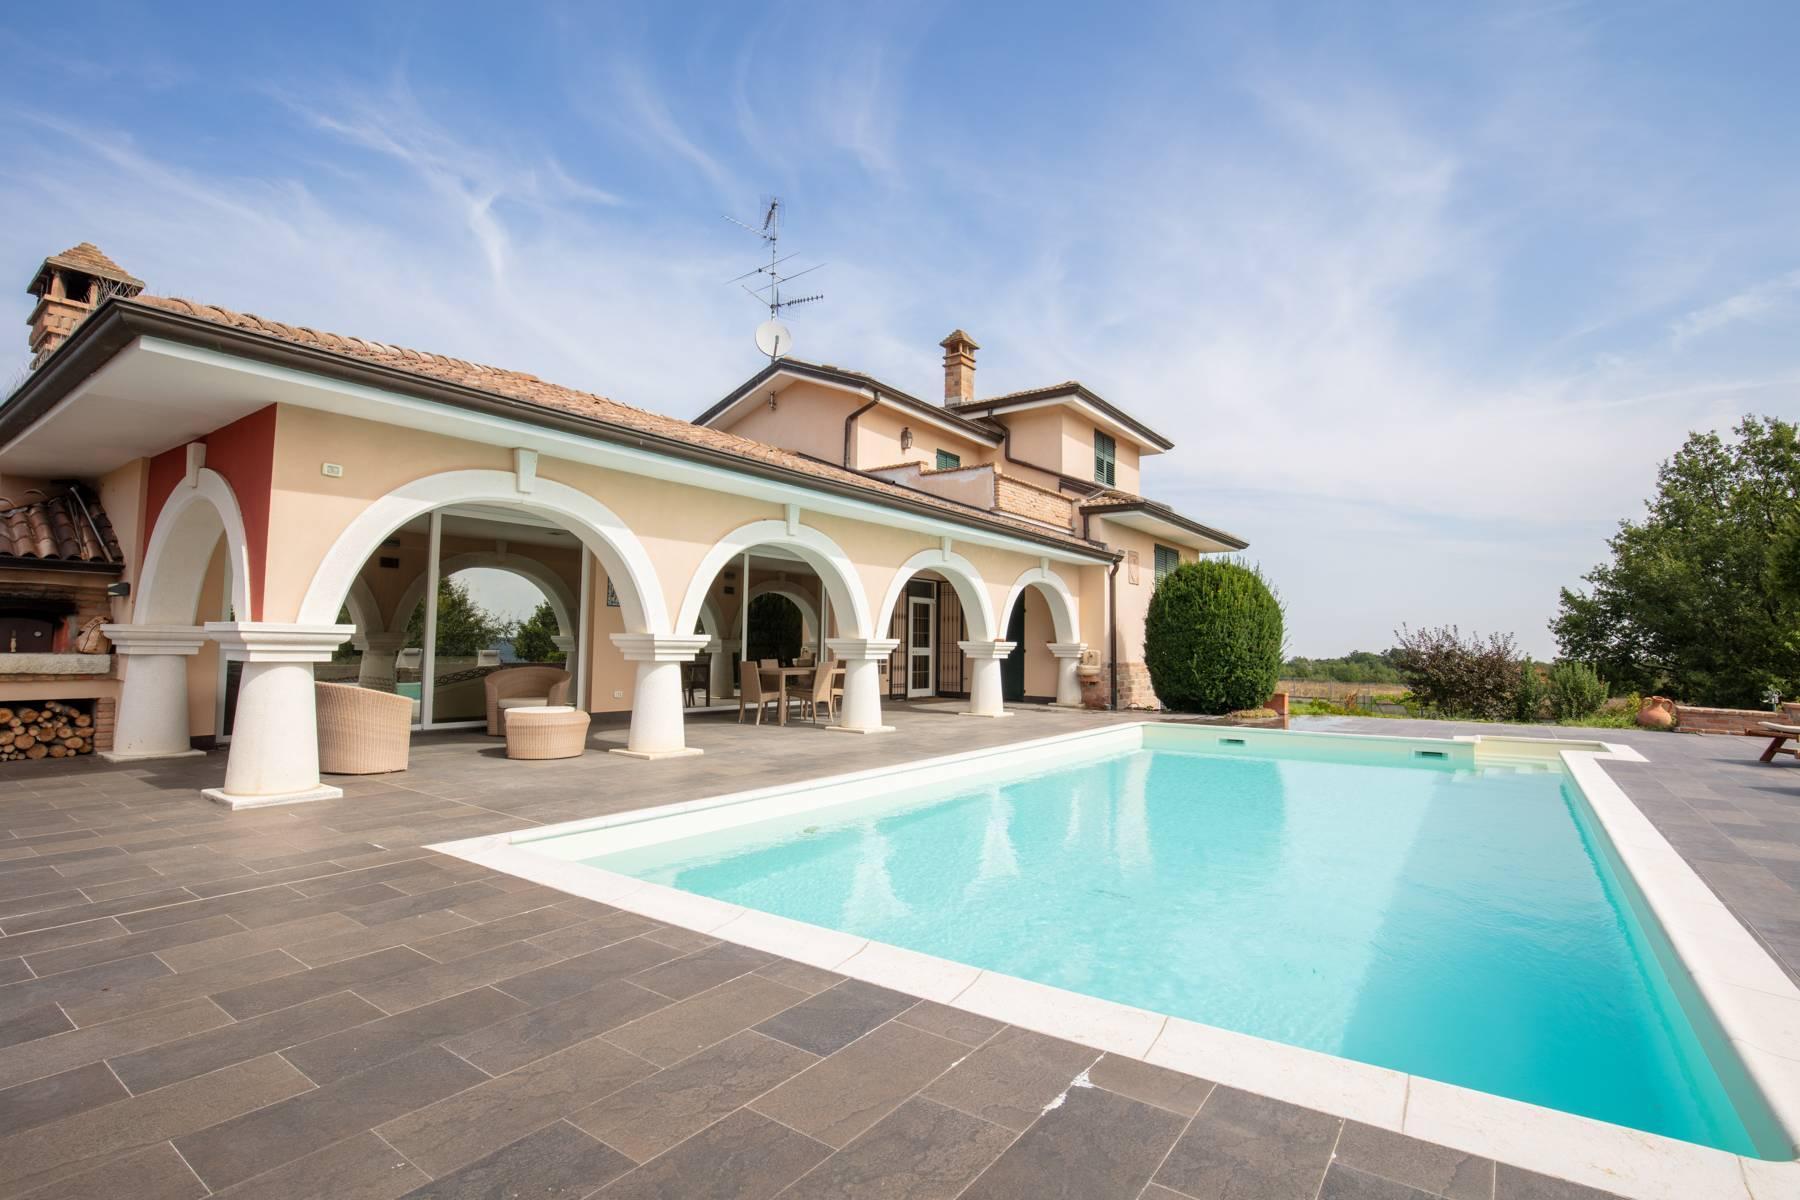 Villa con piscina nelle colline piacentine - 43